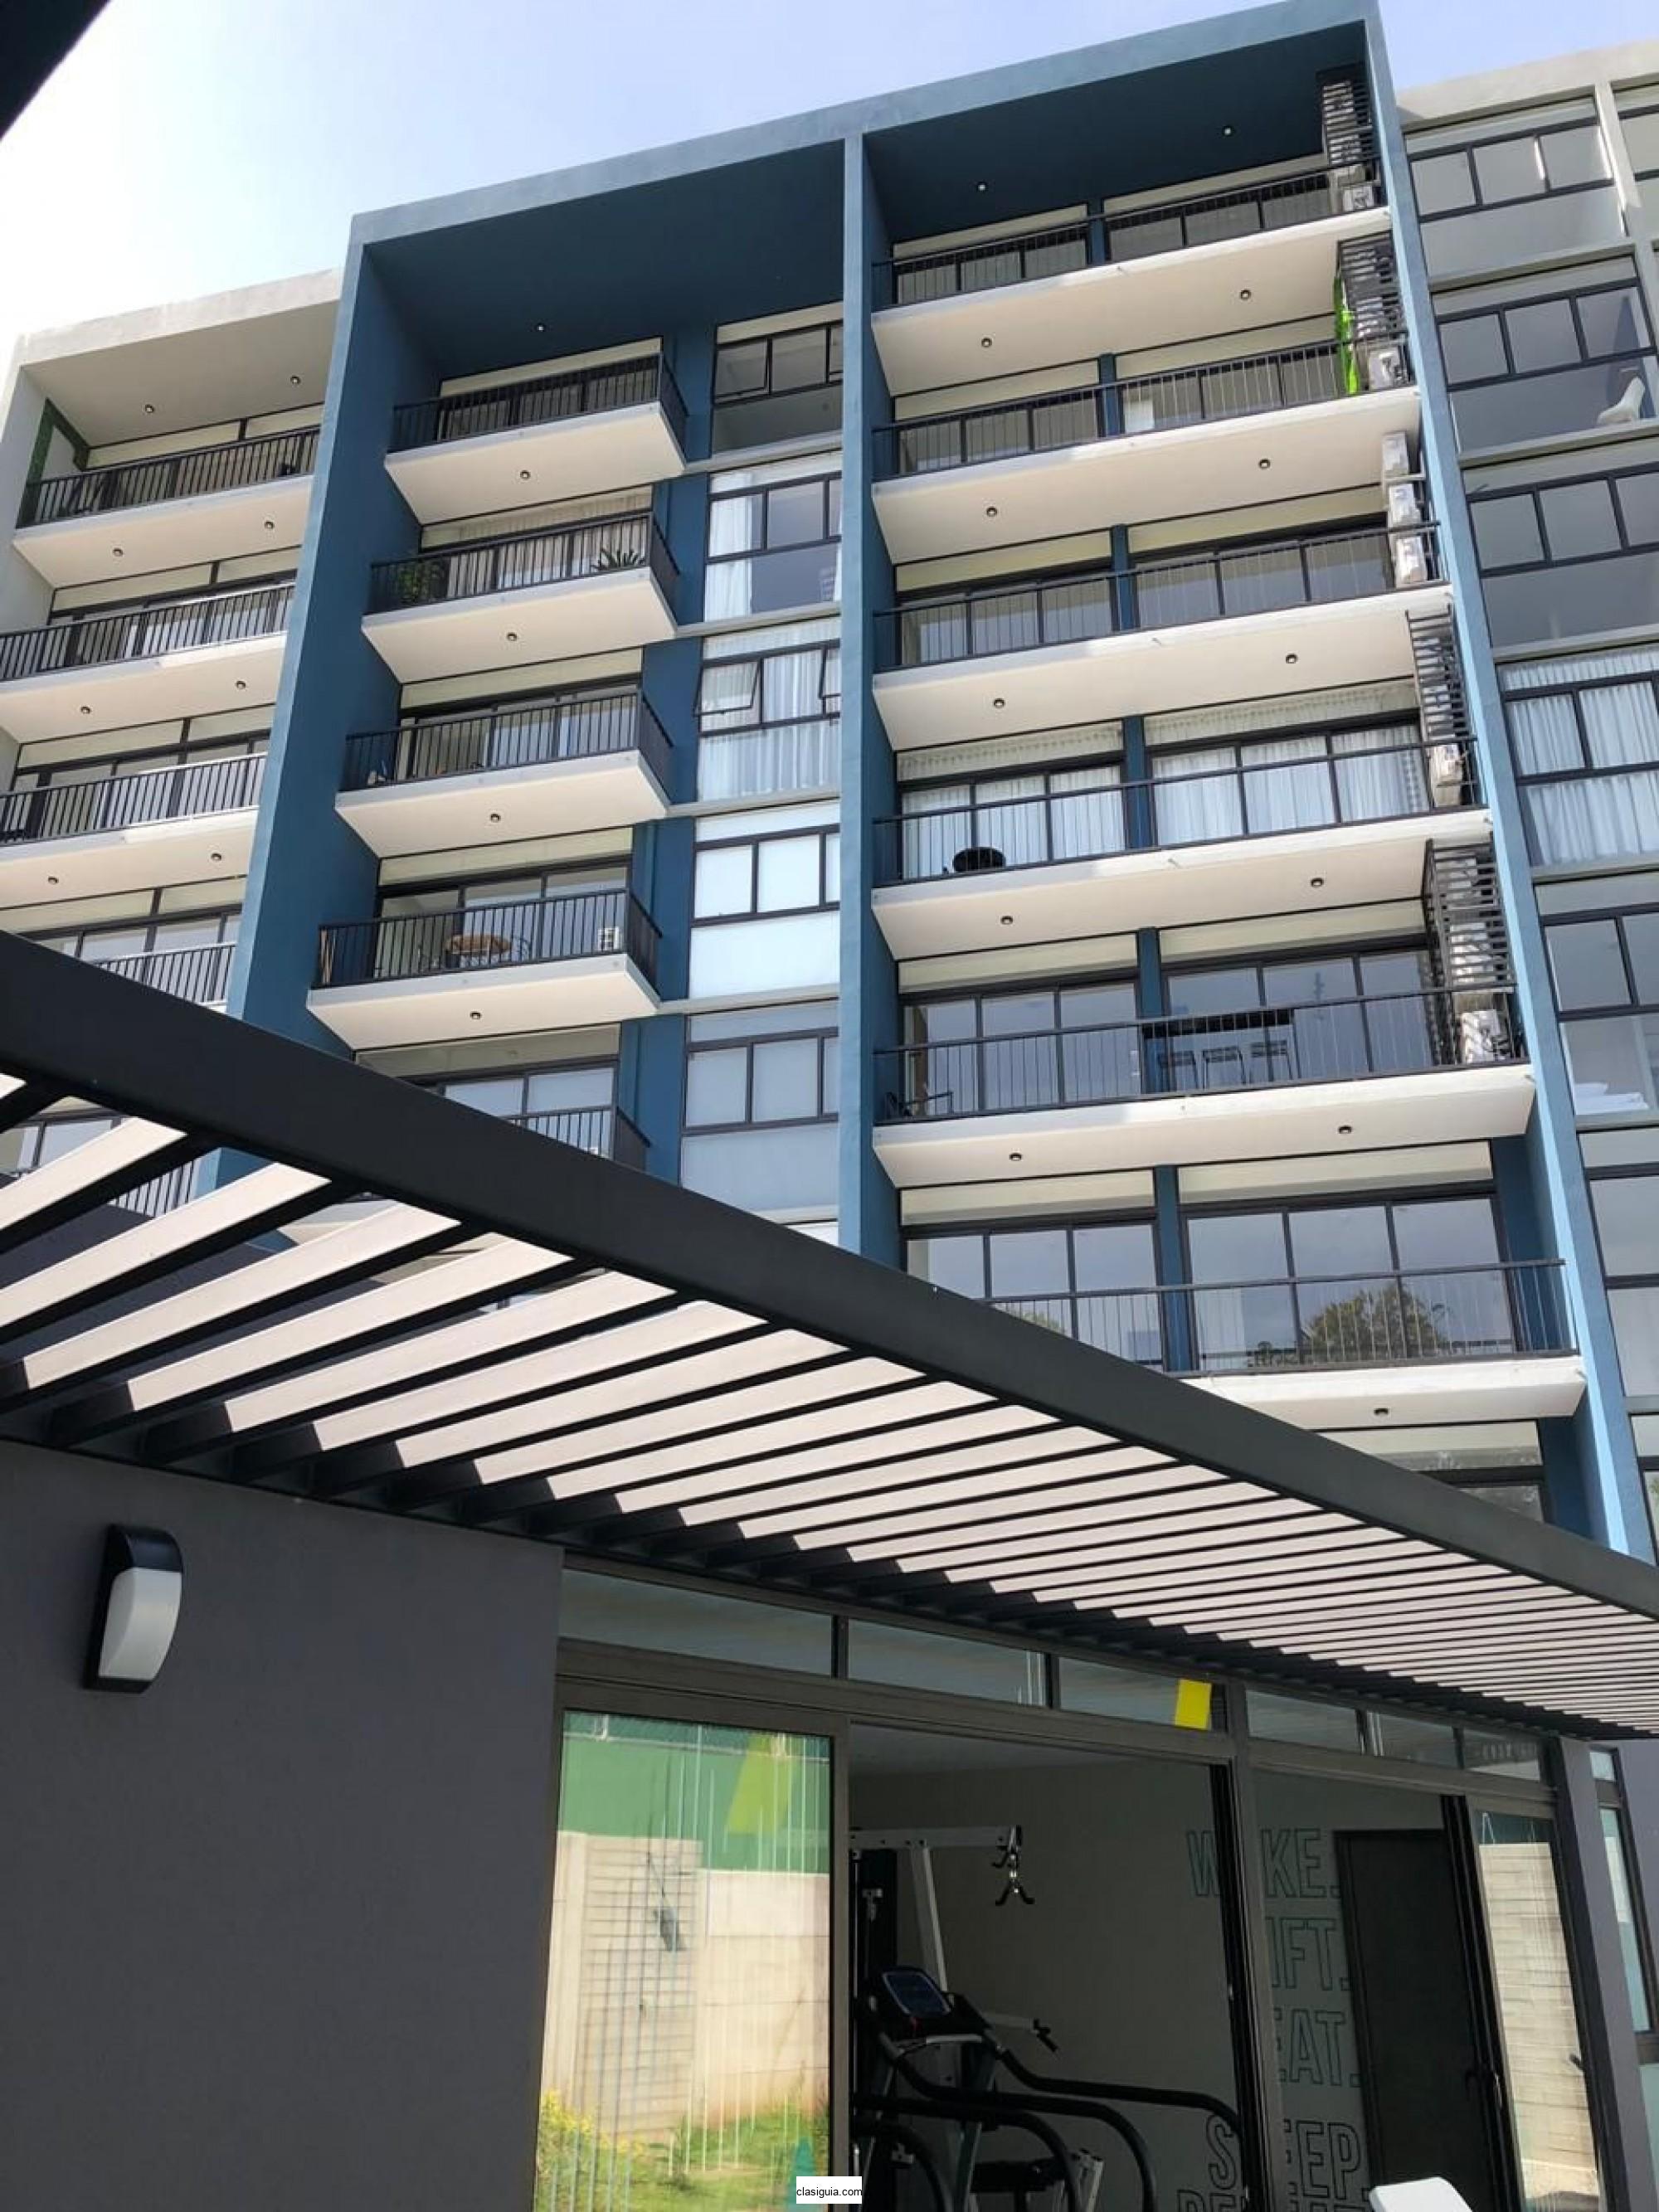 ALQUILO APARTAMENTO AVITAT FIT, ANTIGUO CUSCATLAN, PRIVADO, parqueo 2 vehiculos, 2 habitaciones